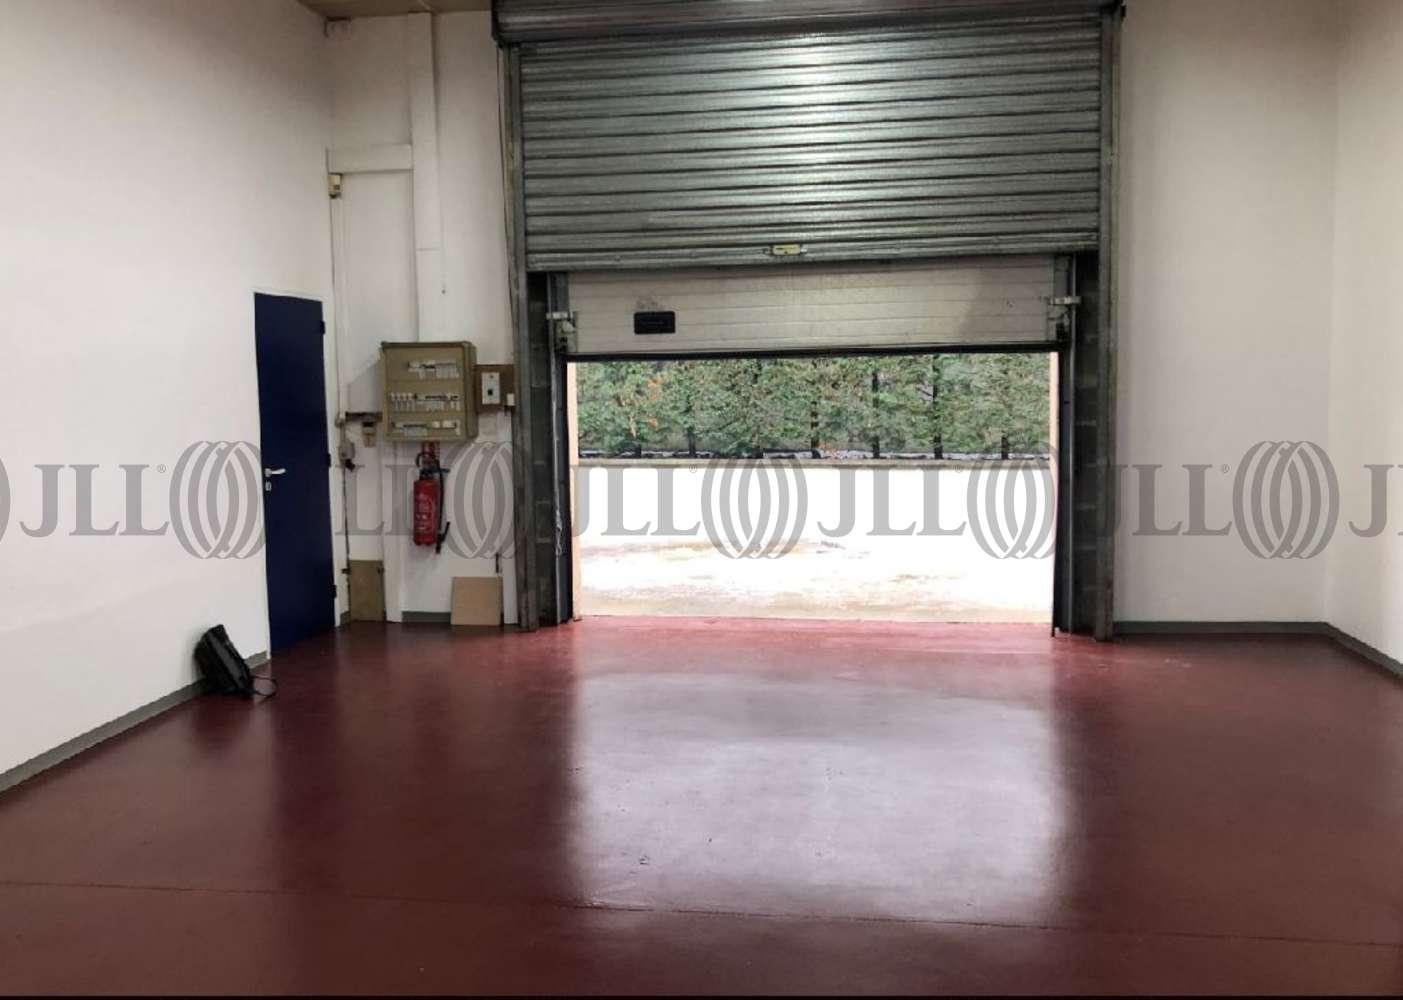 Activités/entrepôt Taverny, 95150 - 7 RUE EMILE SEHET - 9899308